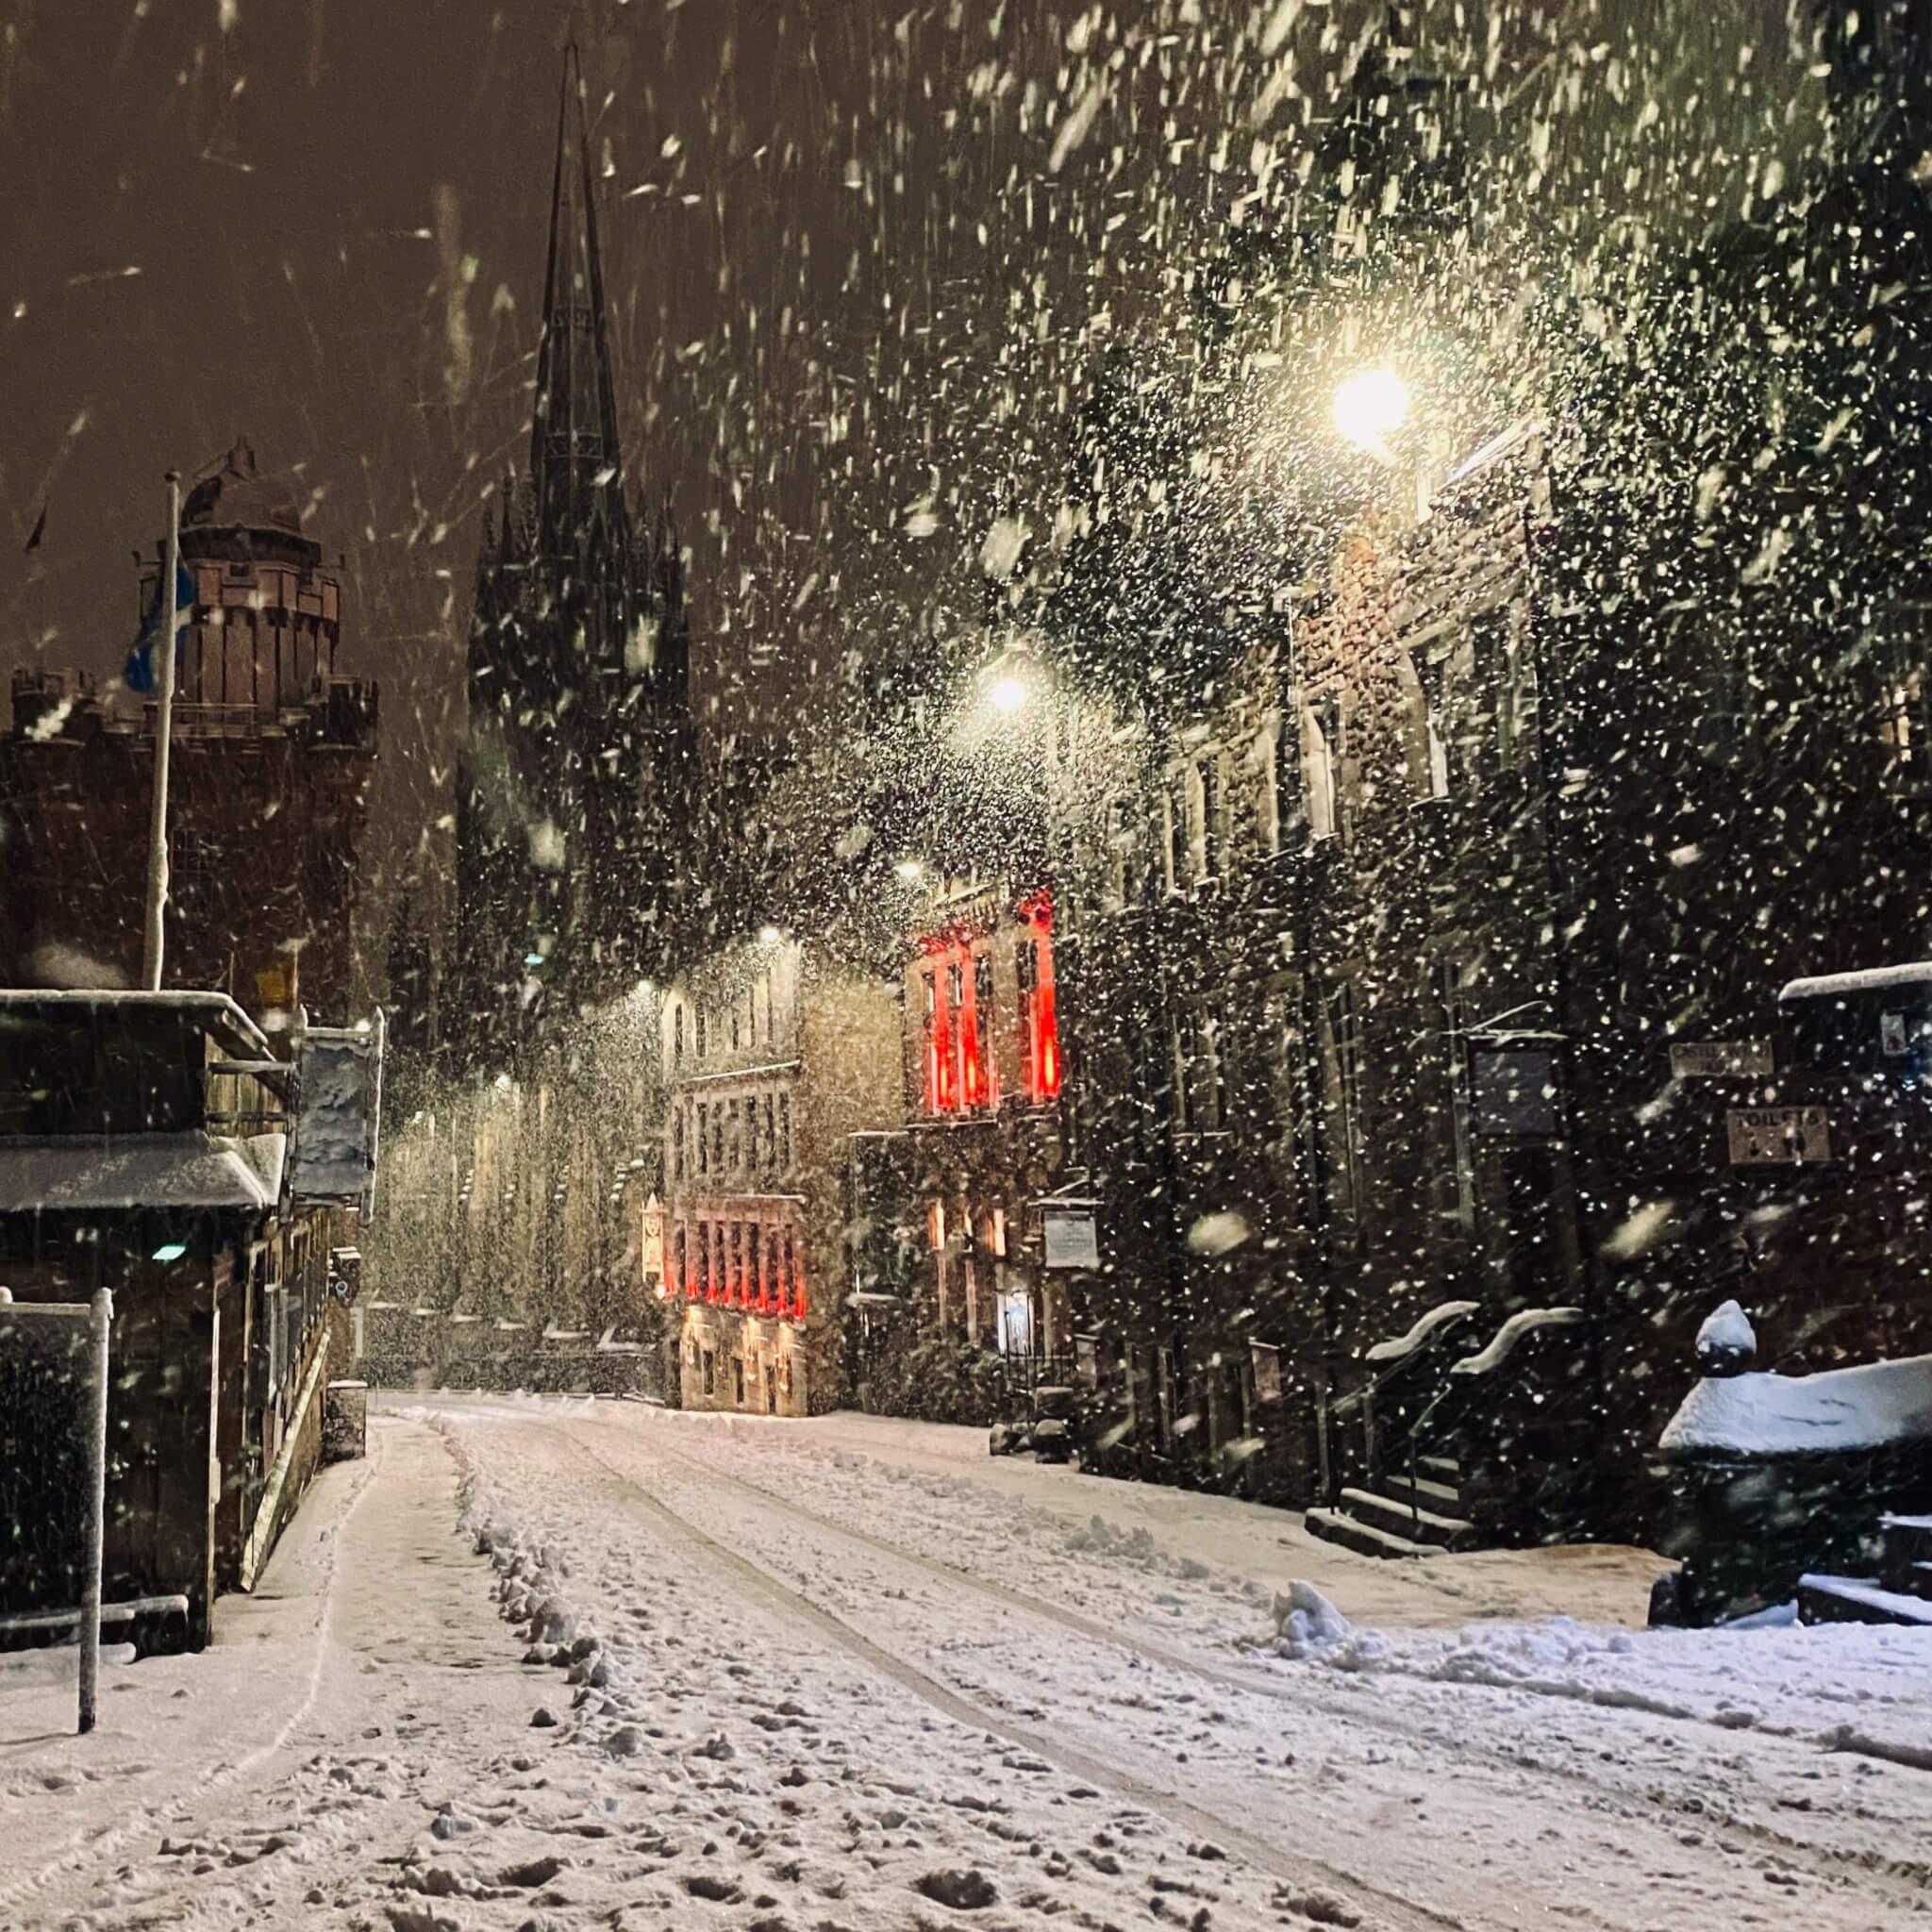 Schnee weisse Pracht Schneesturm Oase Stille Edinburgh Schottland